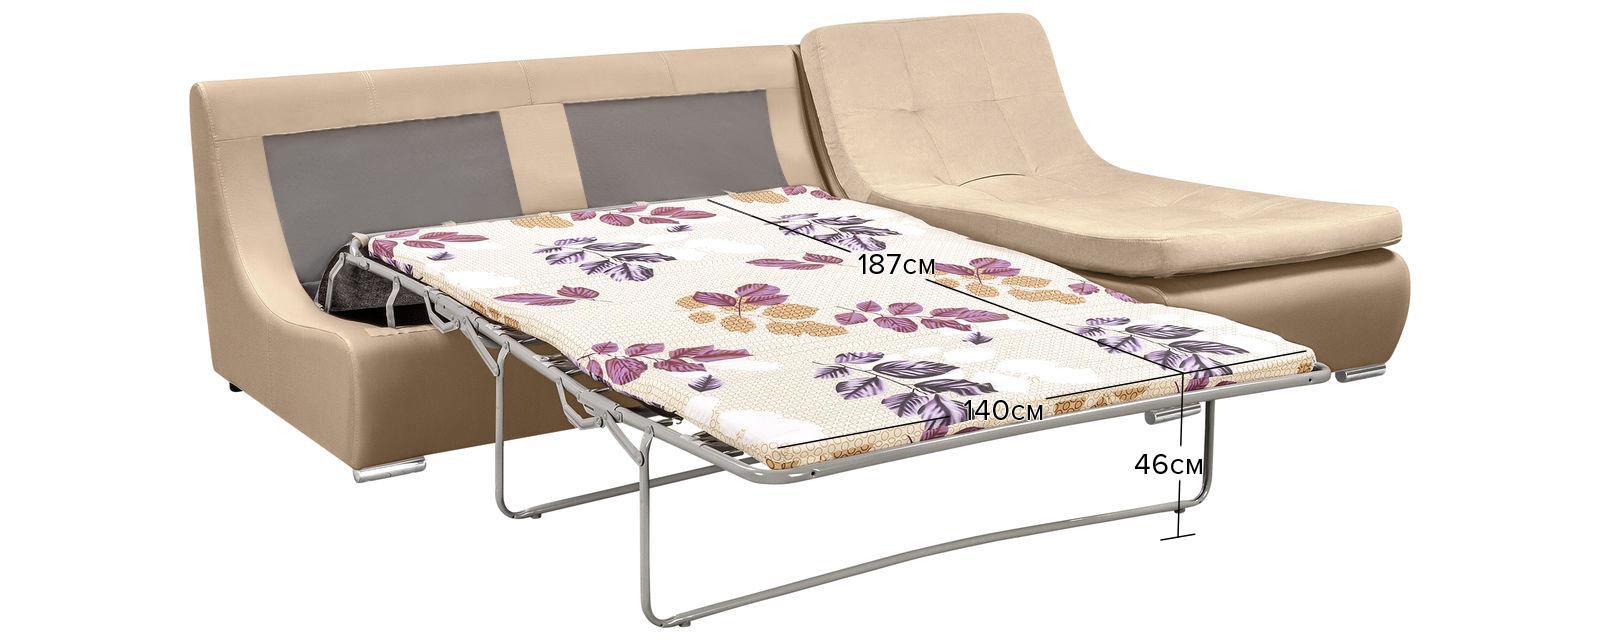 Модульный диван Лос-Анджелес Velure бежевый Вариант 1 (Велюр + Экокожа) от HomeMe.ru